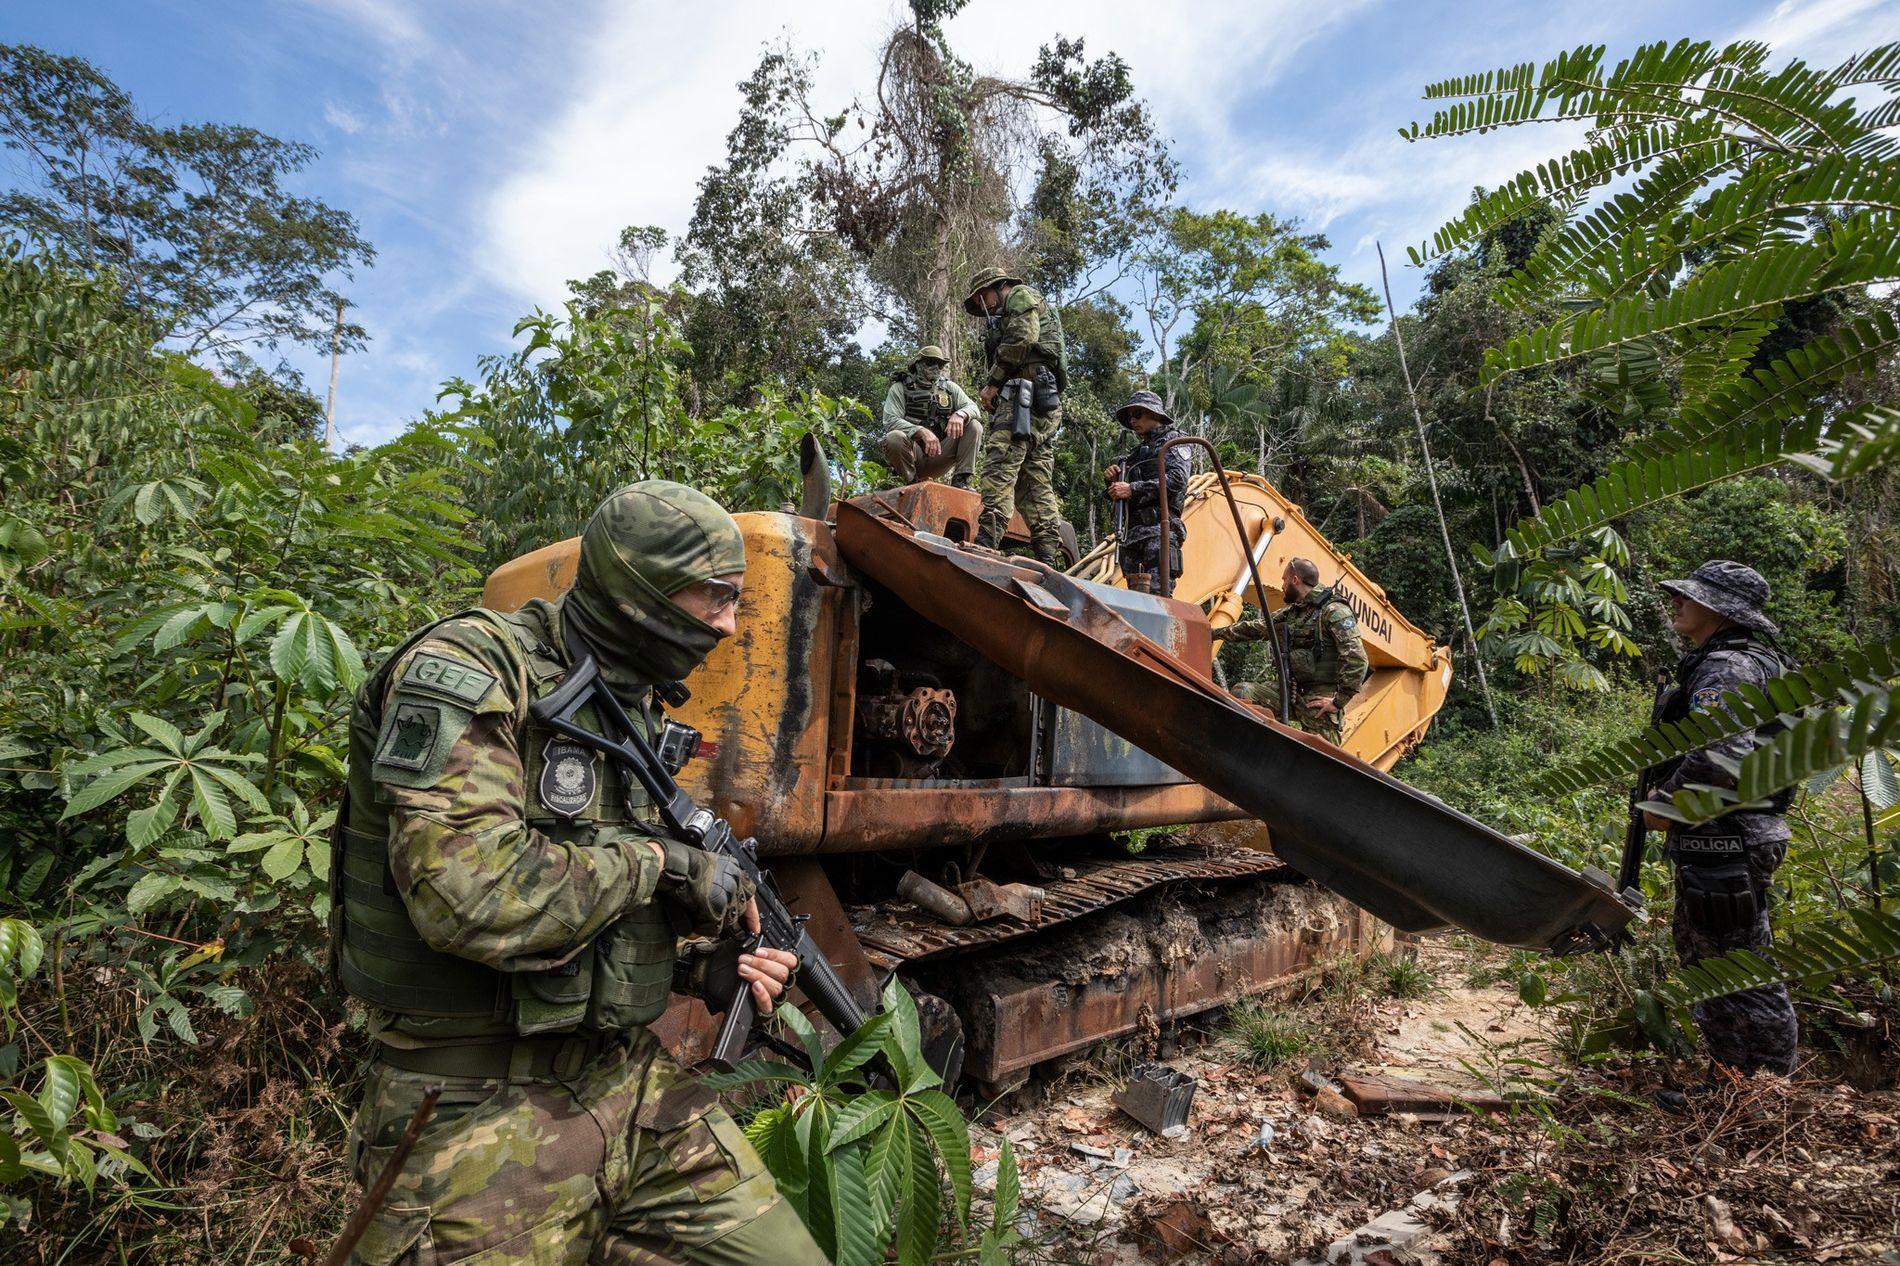 Les agents du Groupe spécialisé d'inspection de l'IBAMA détruisent un bulldozer utilisé dans des opérations minières ...